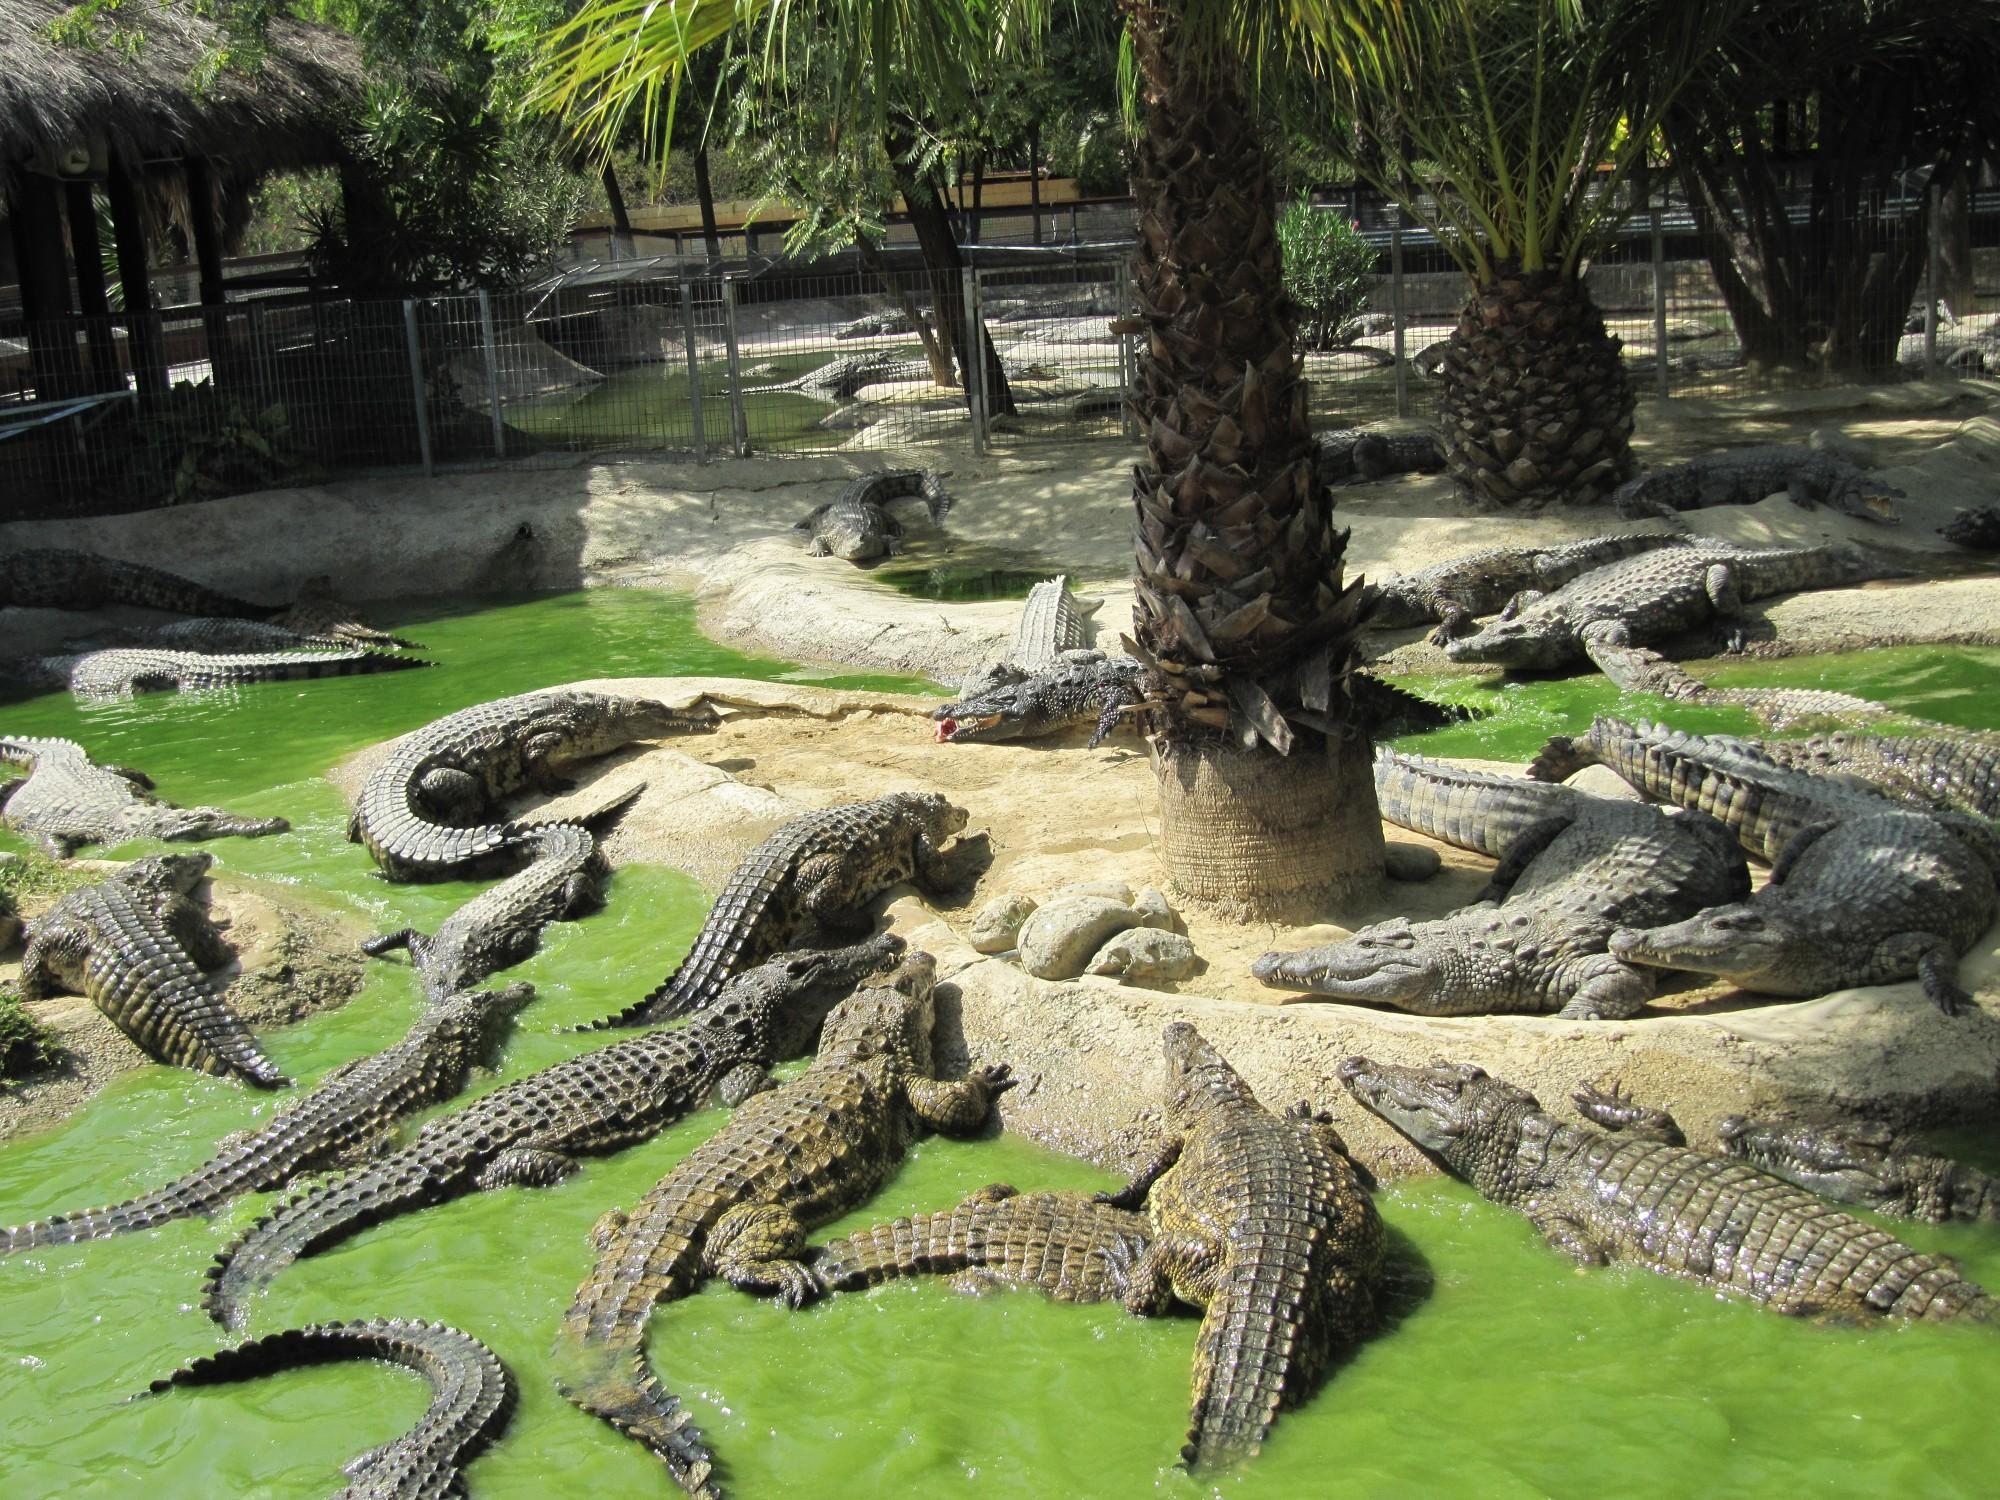 Afbeeldingsresultaat voor crocodile park torremolinos